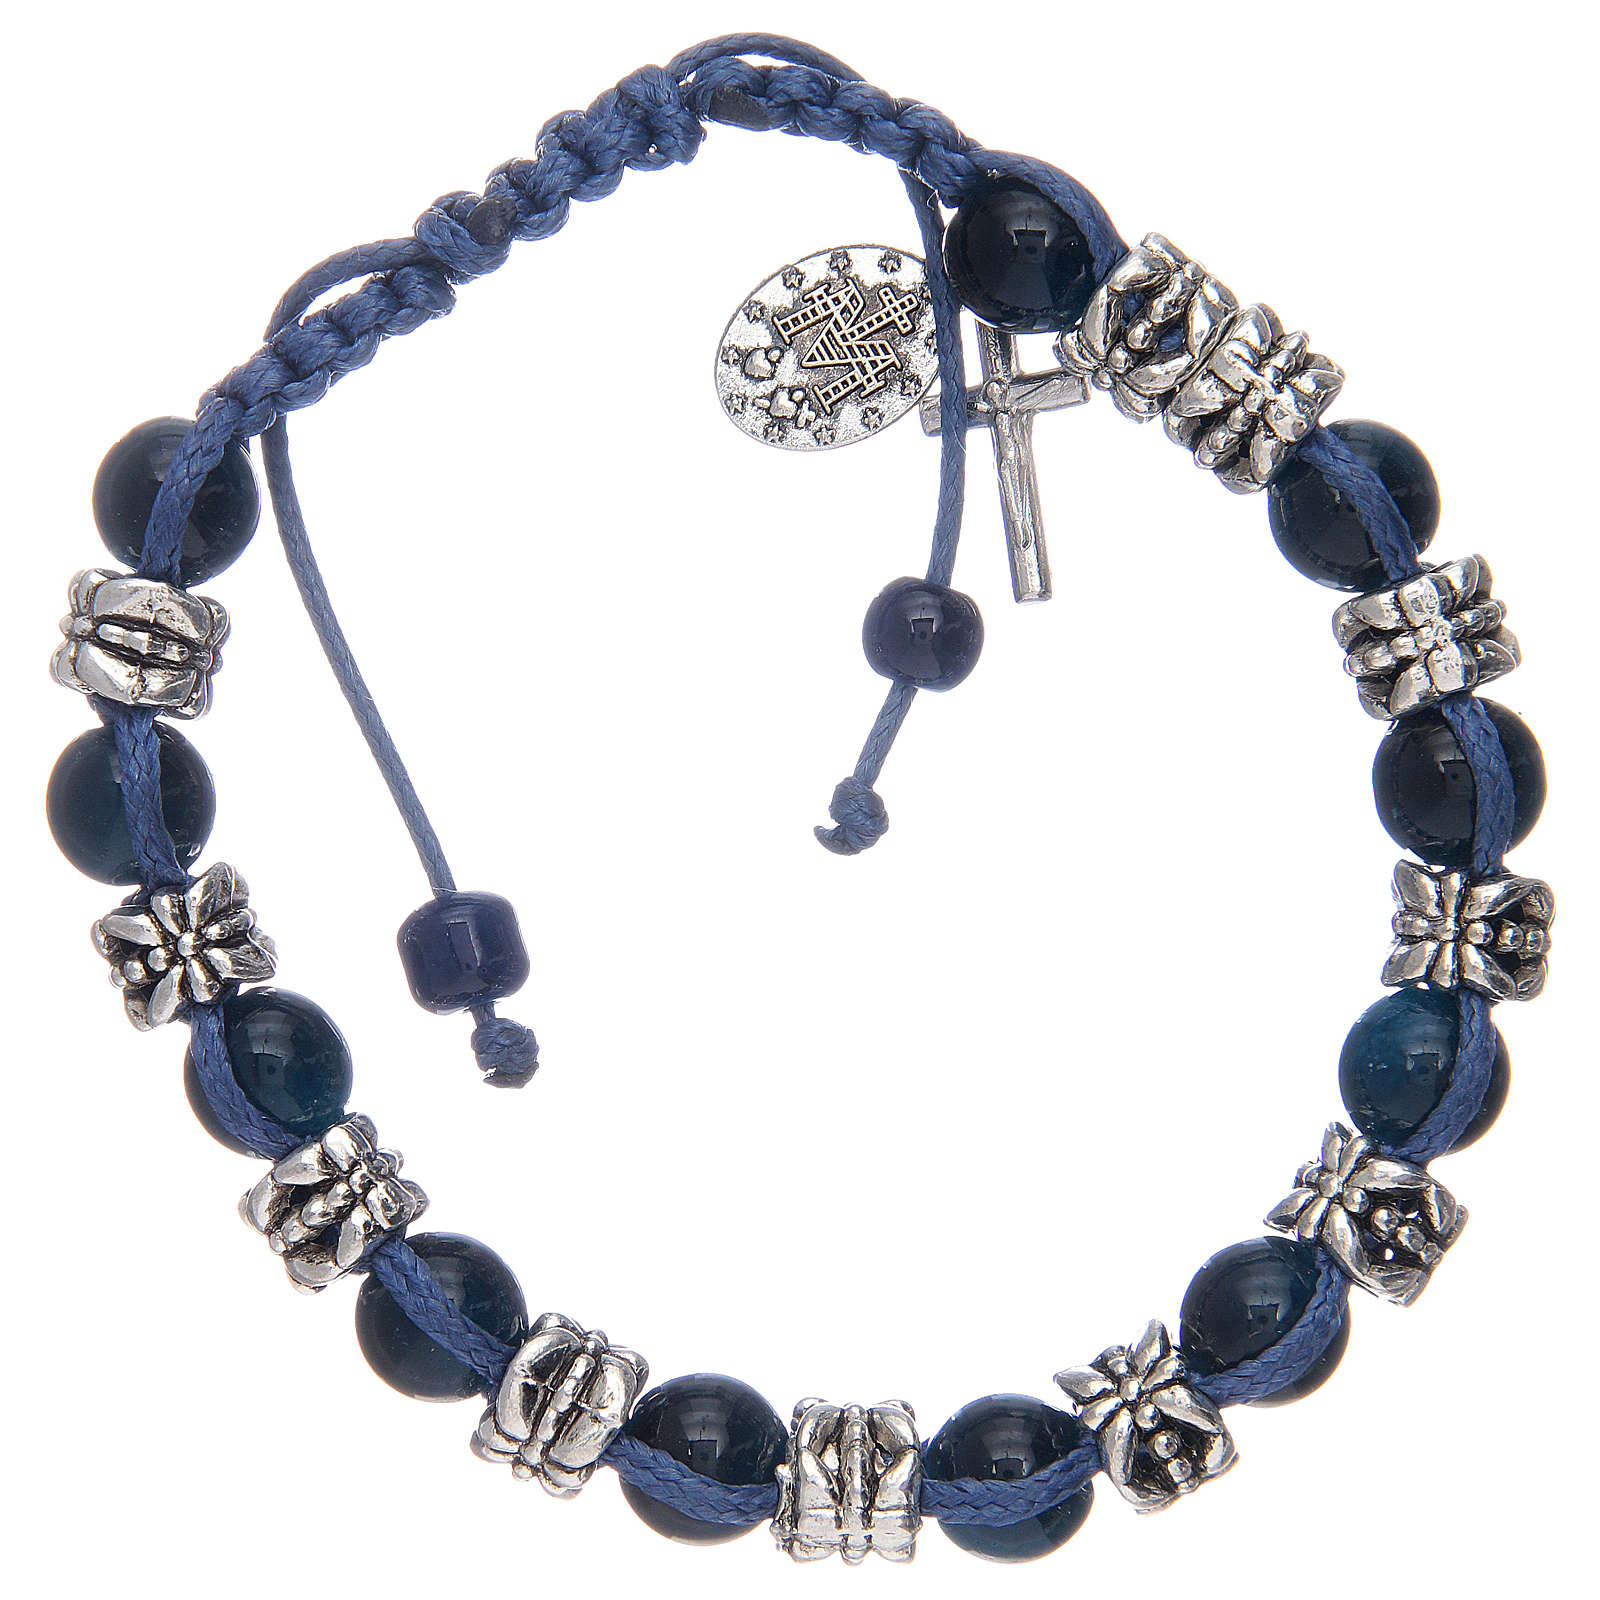 Bracciale con grani in vetro e metallo su cordoncino blu 4